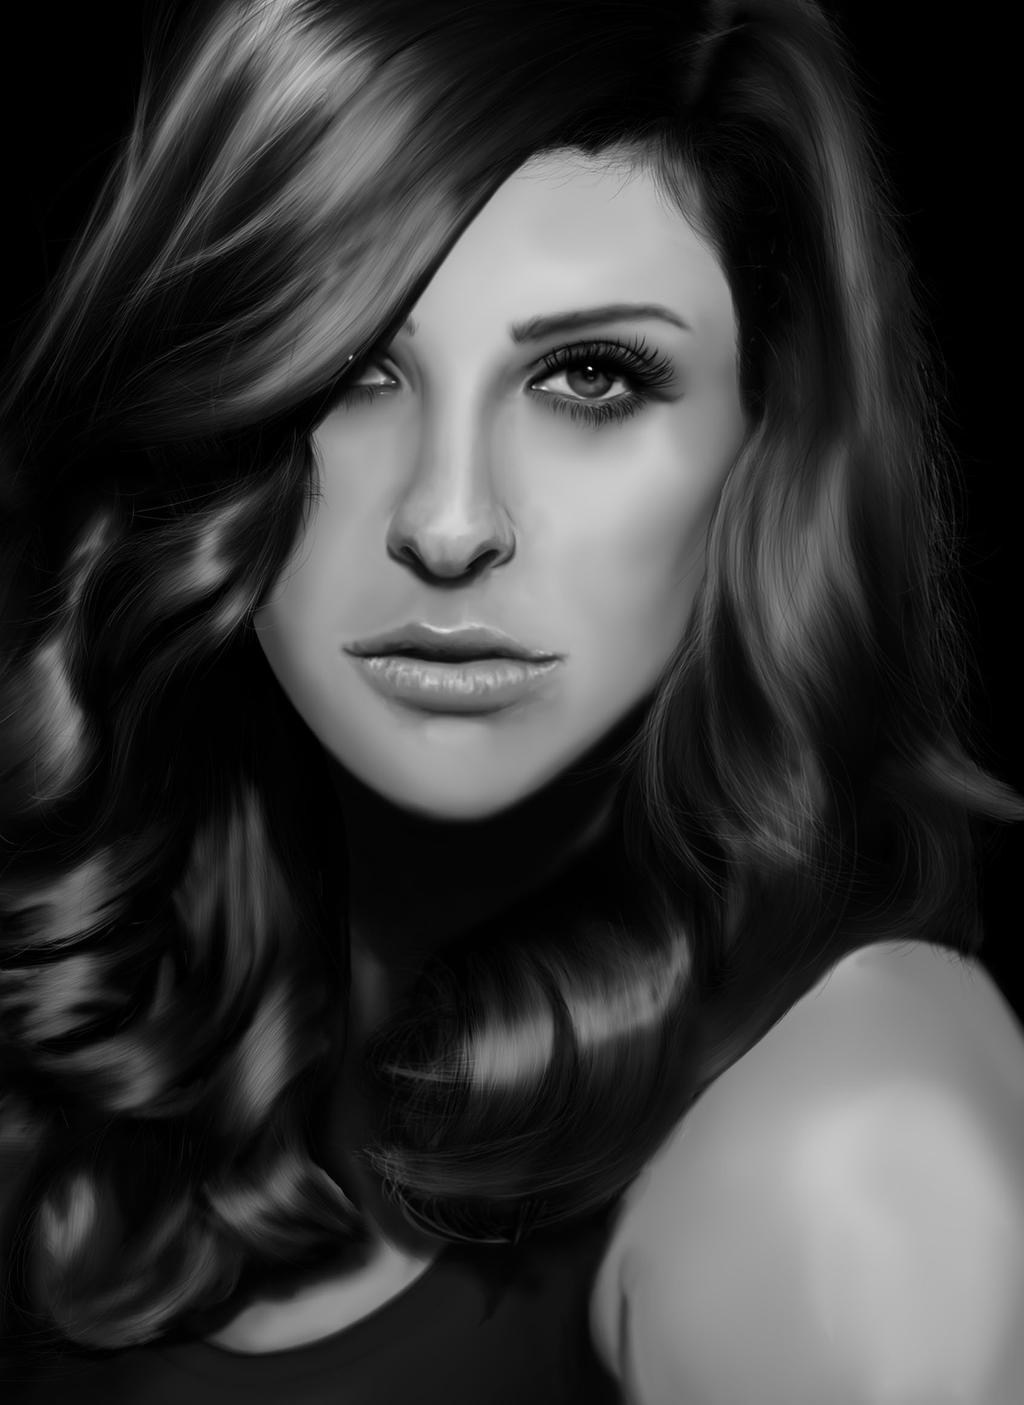 Jill Wagner Digital Portrait